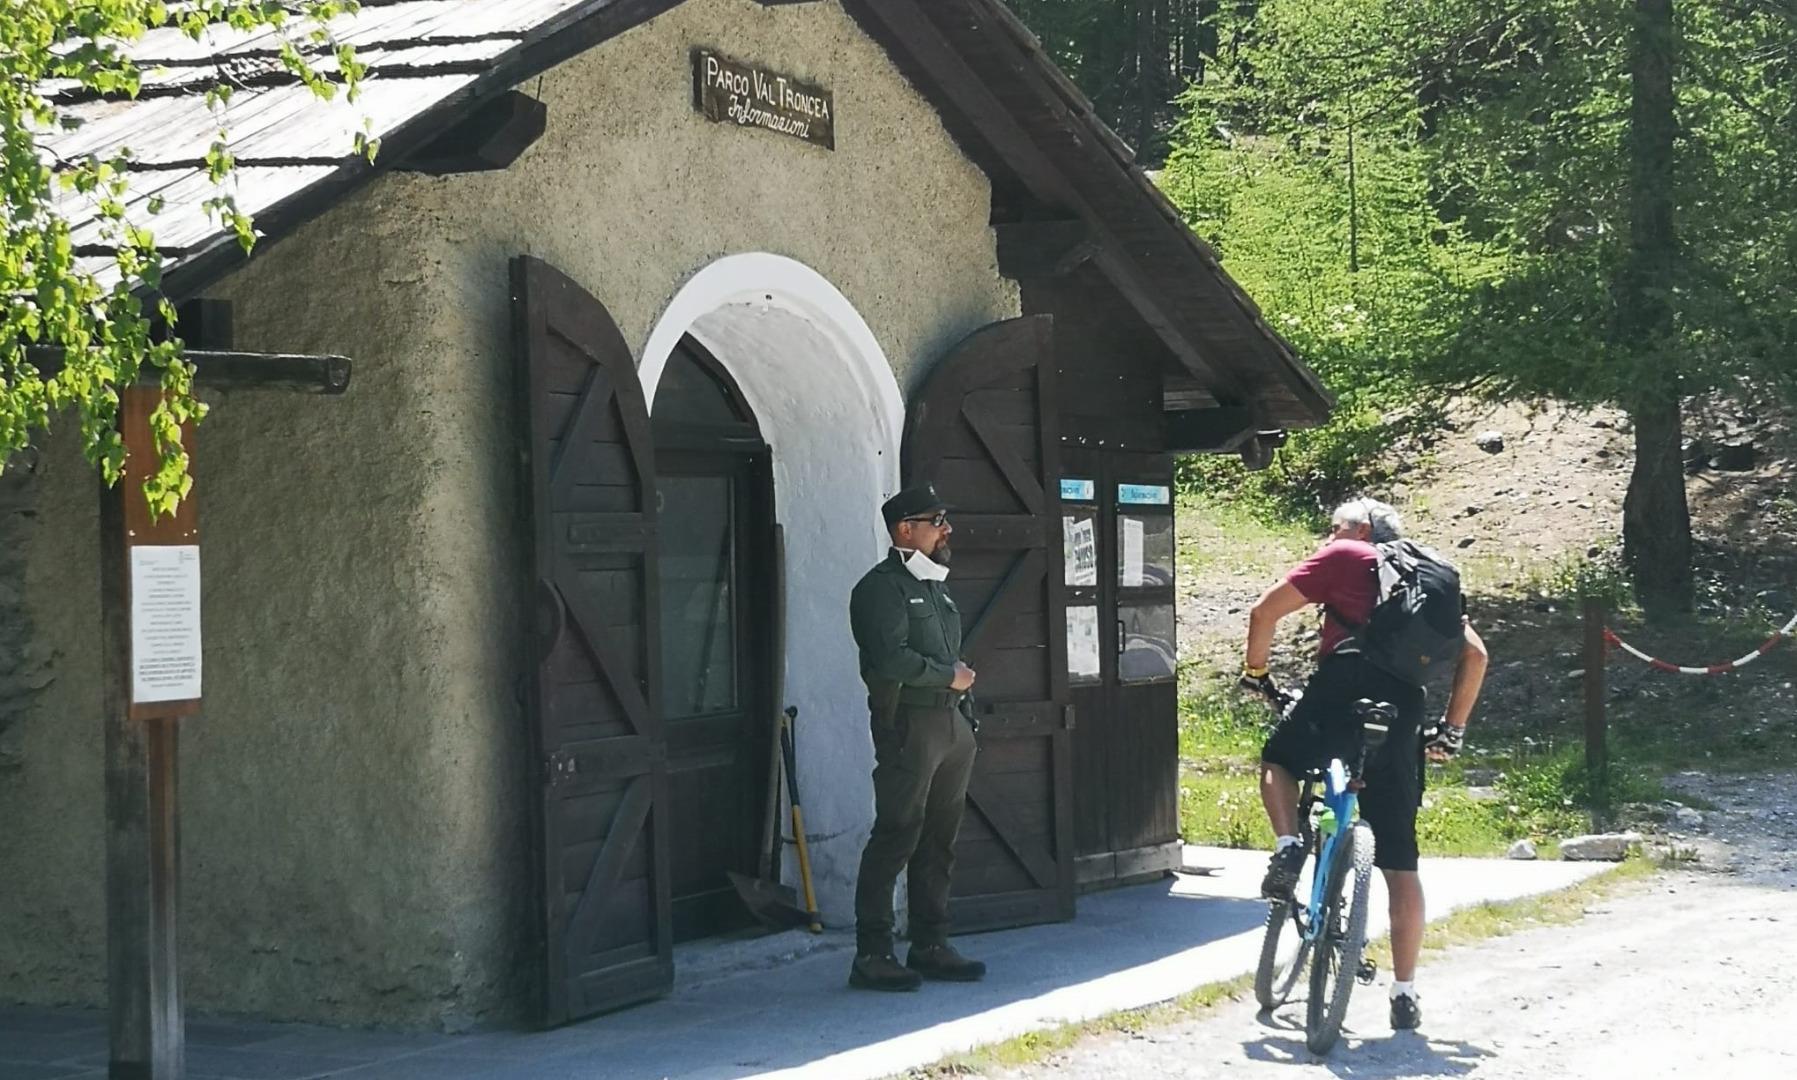 Fruizione e vigilanza nel Parco della Val Troncea in tempo di Covid-19